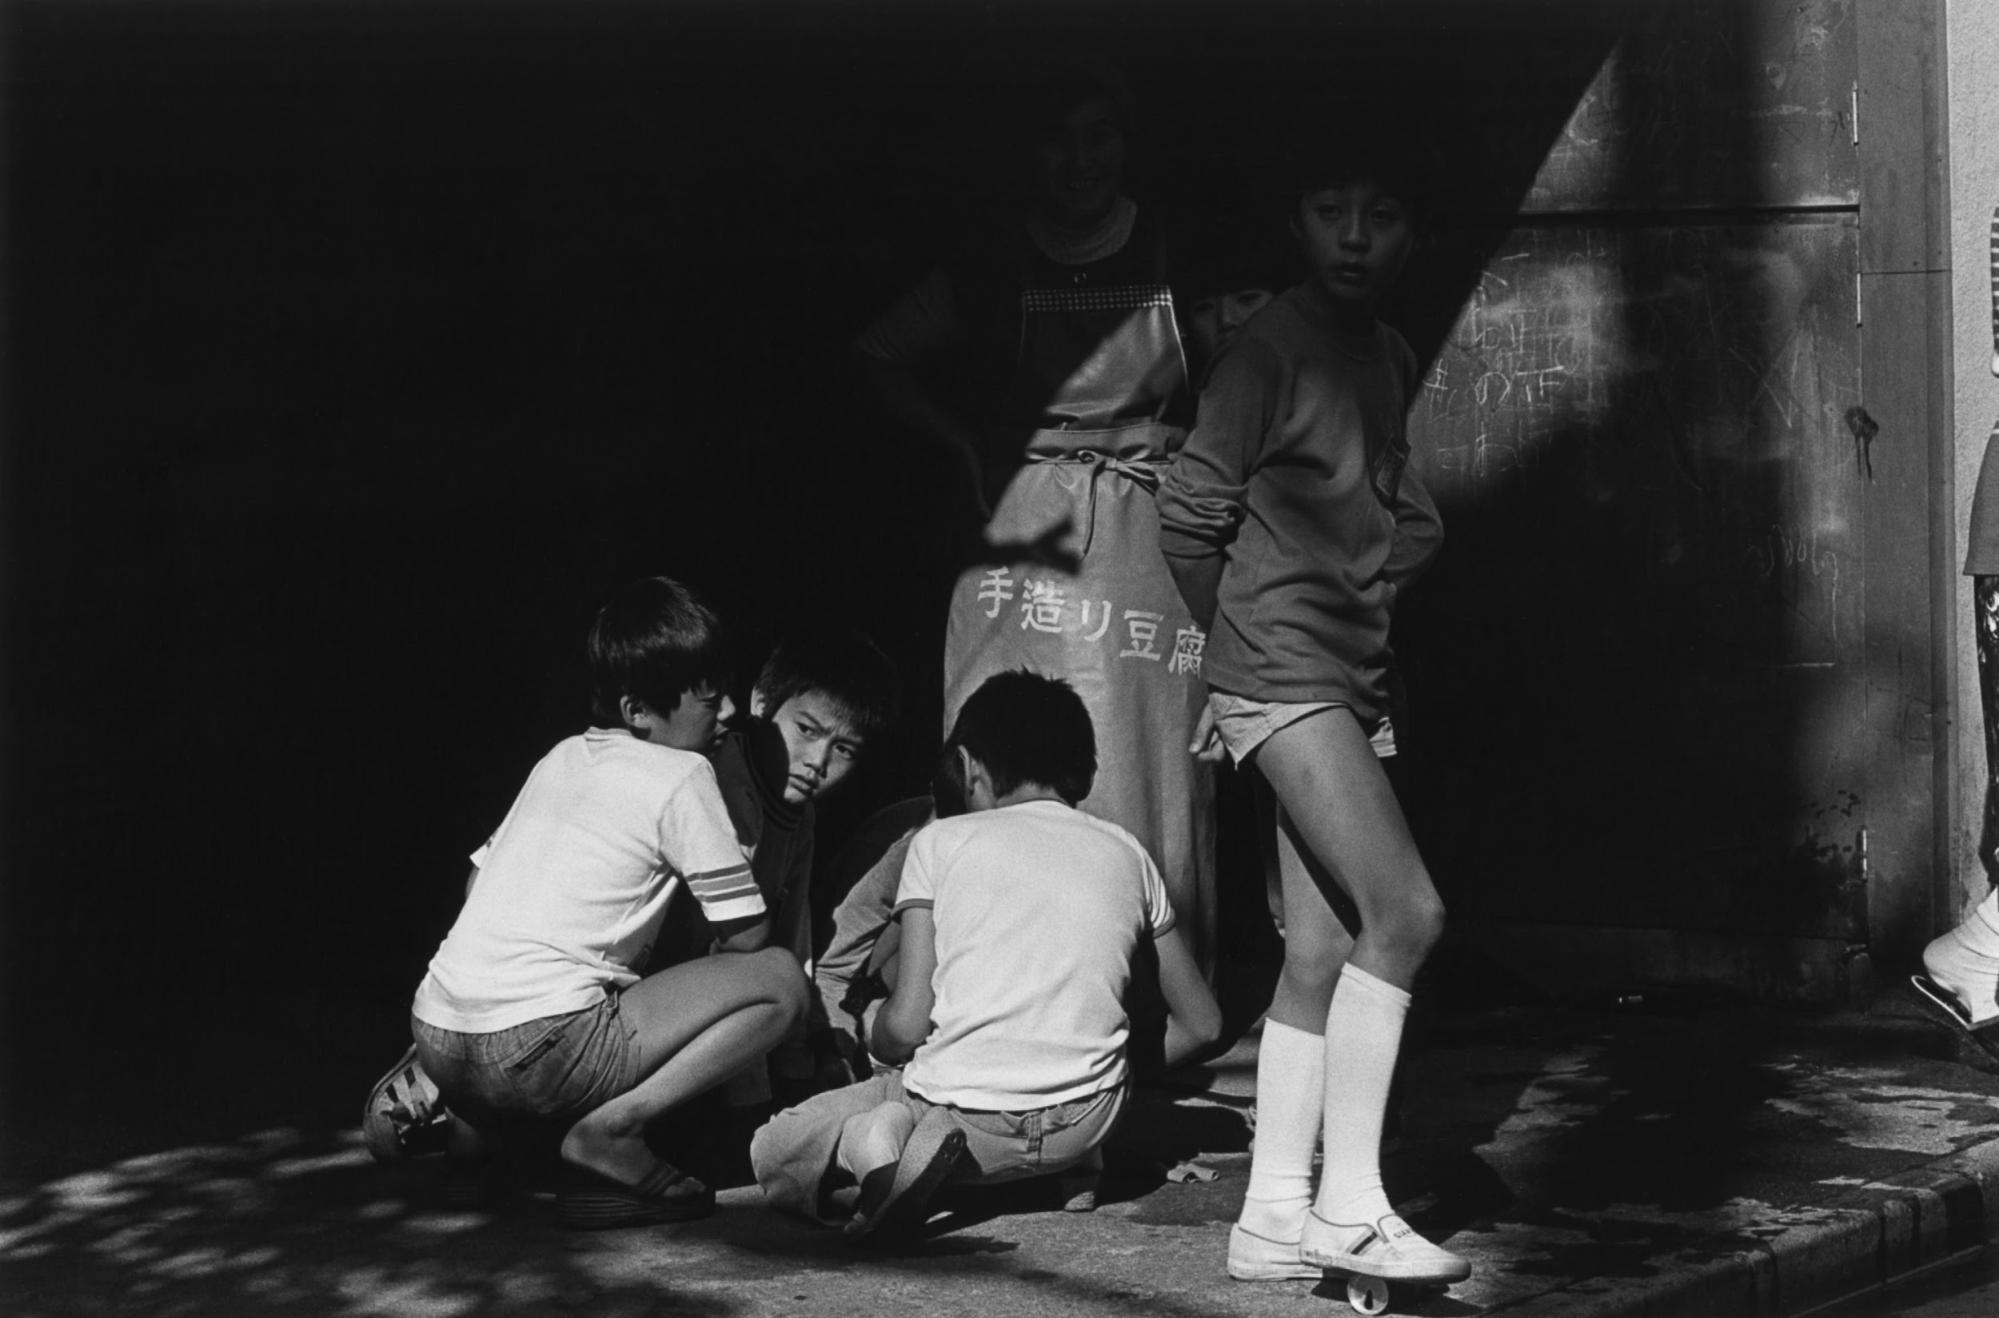 Ritratto in bianco e nero di tre ragazzi a Tokyo, in Giappone, di Issei Suda